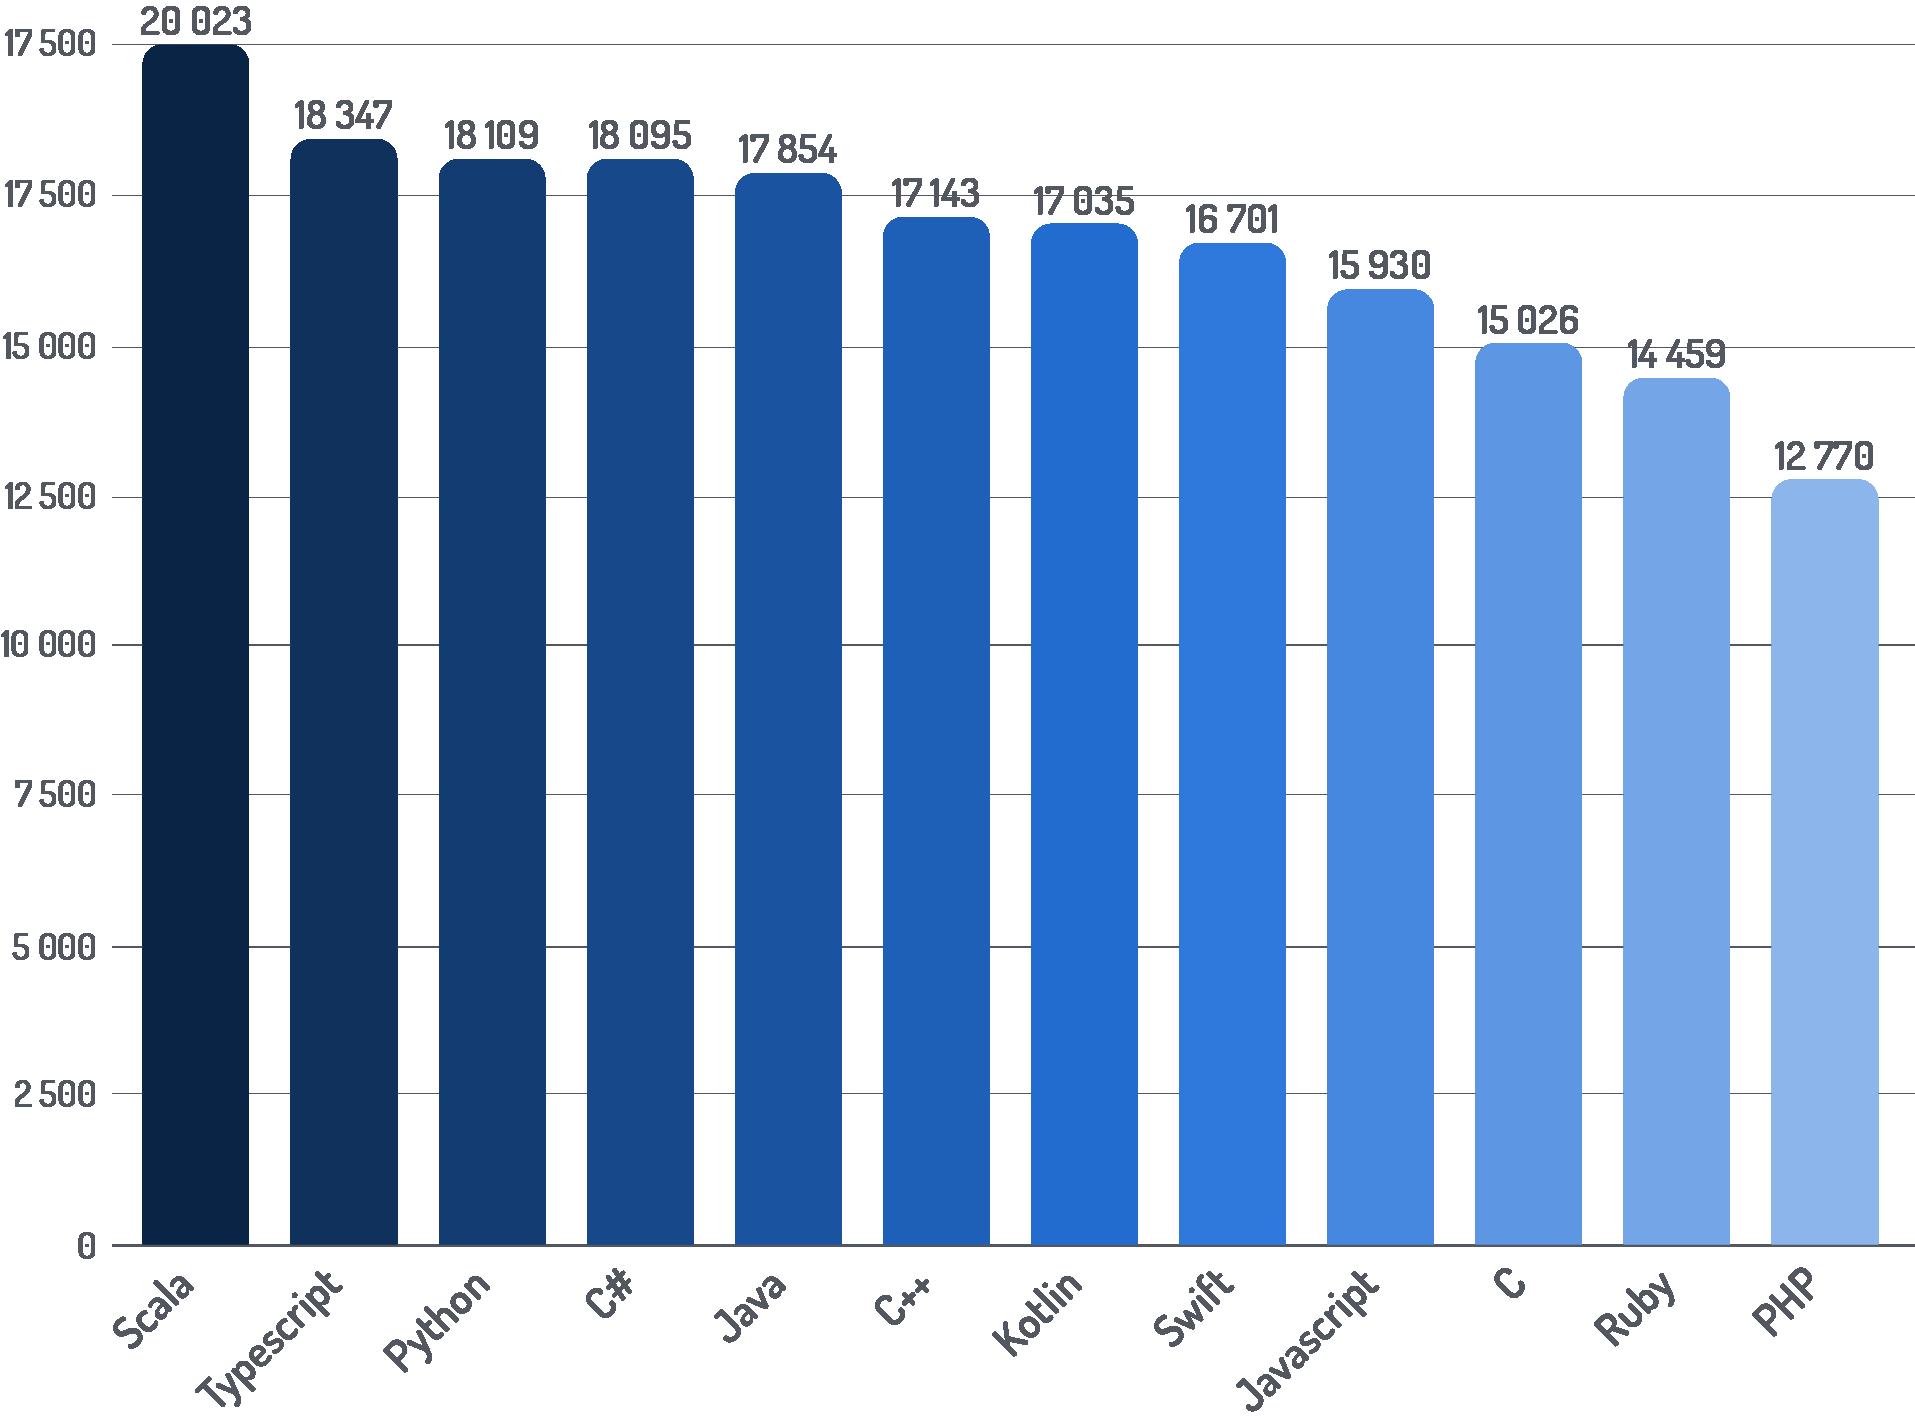 Średnie maksymalne widełki z podziałem na języki programowania - wykres